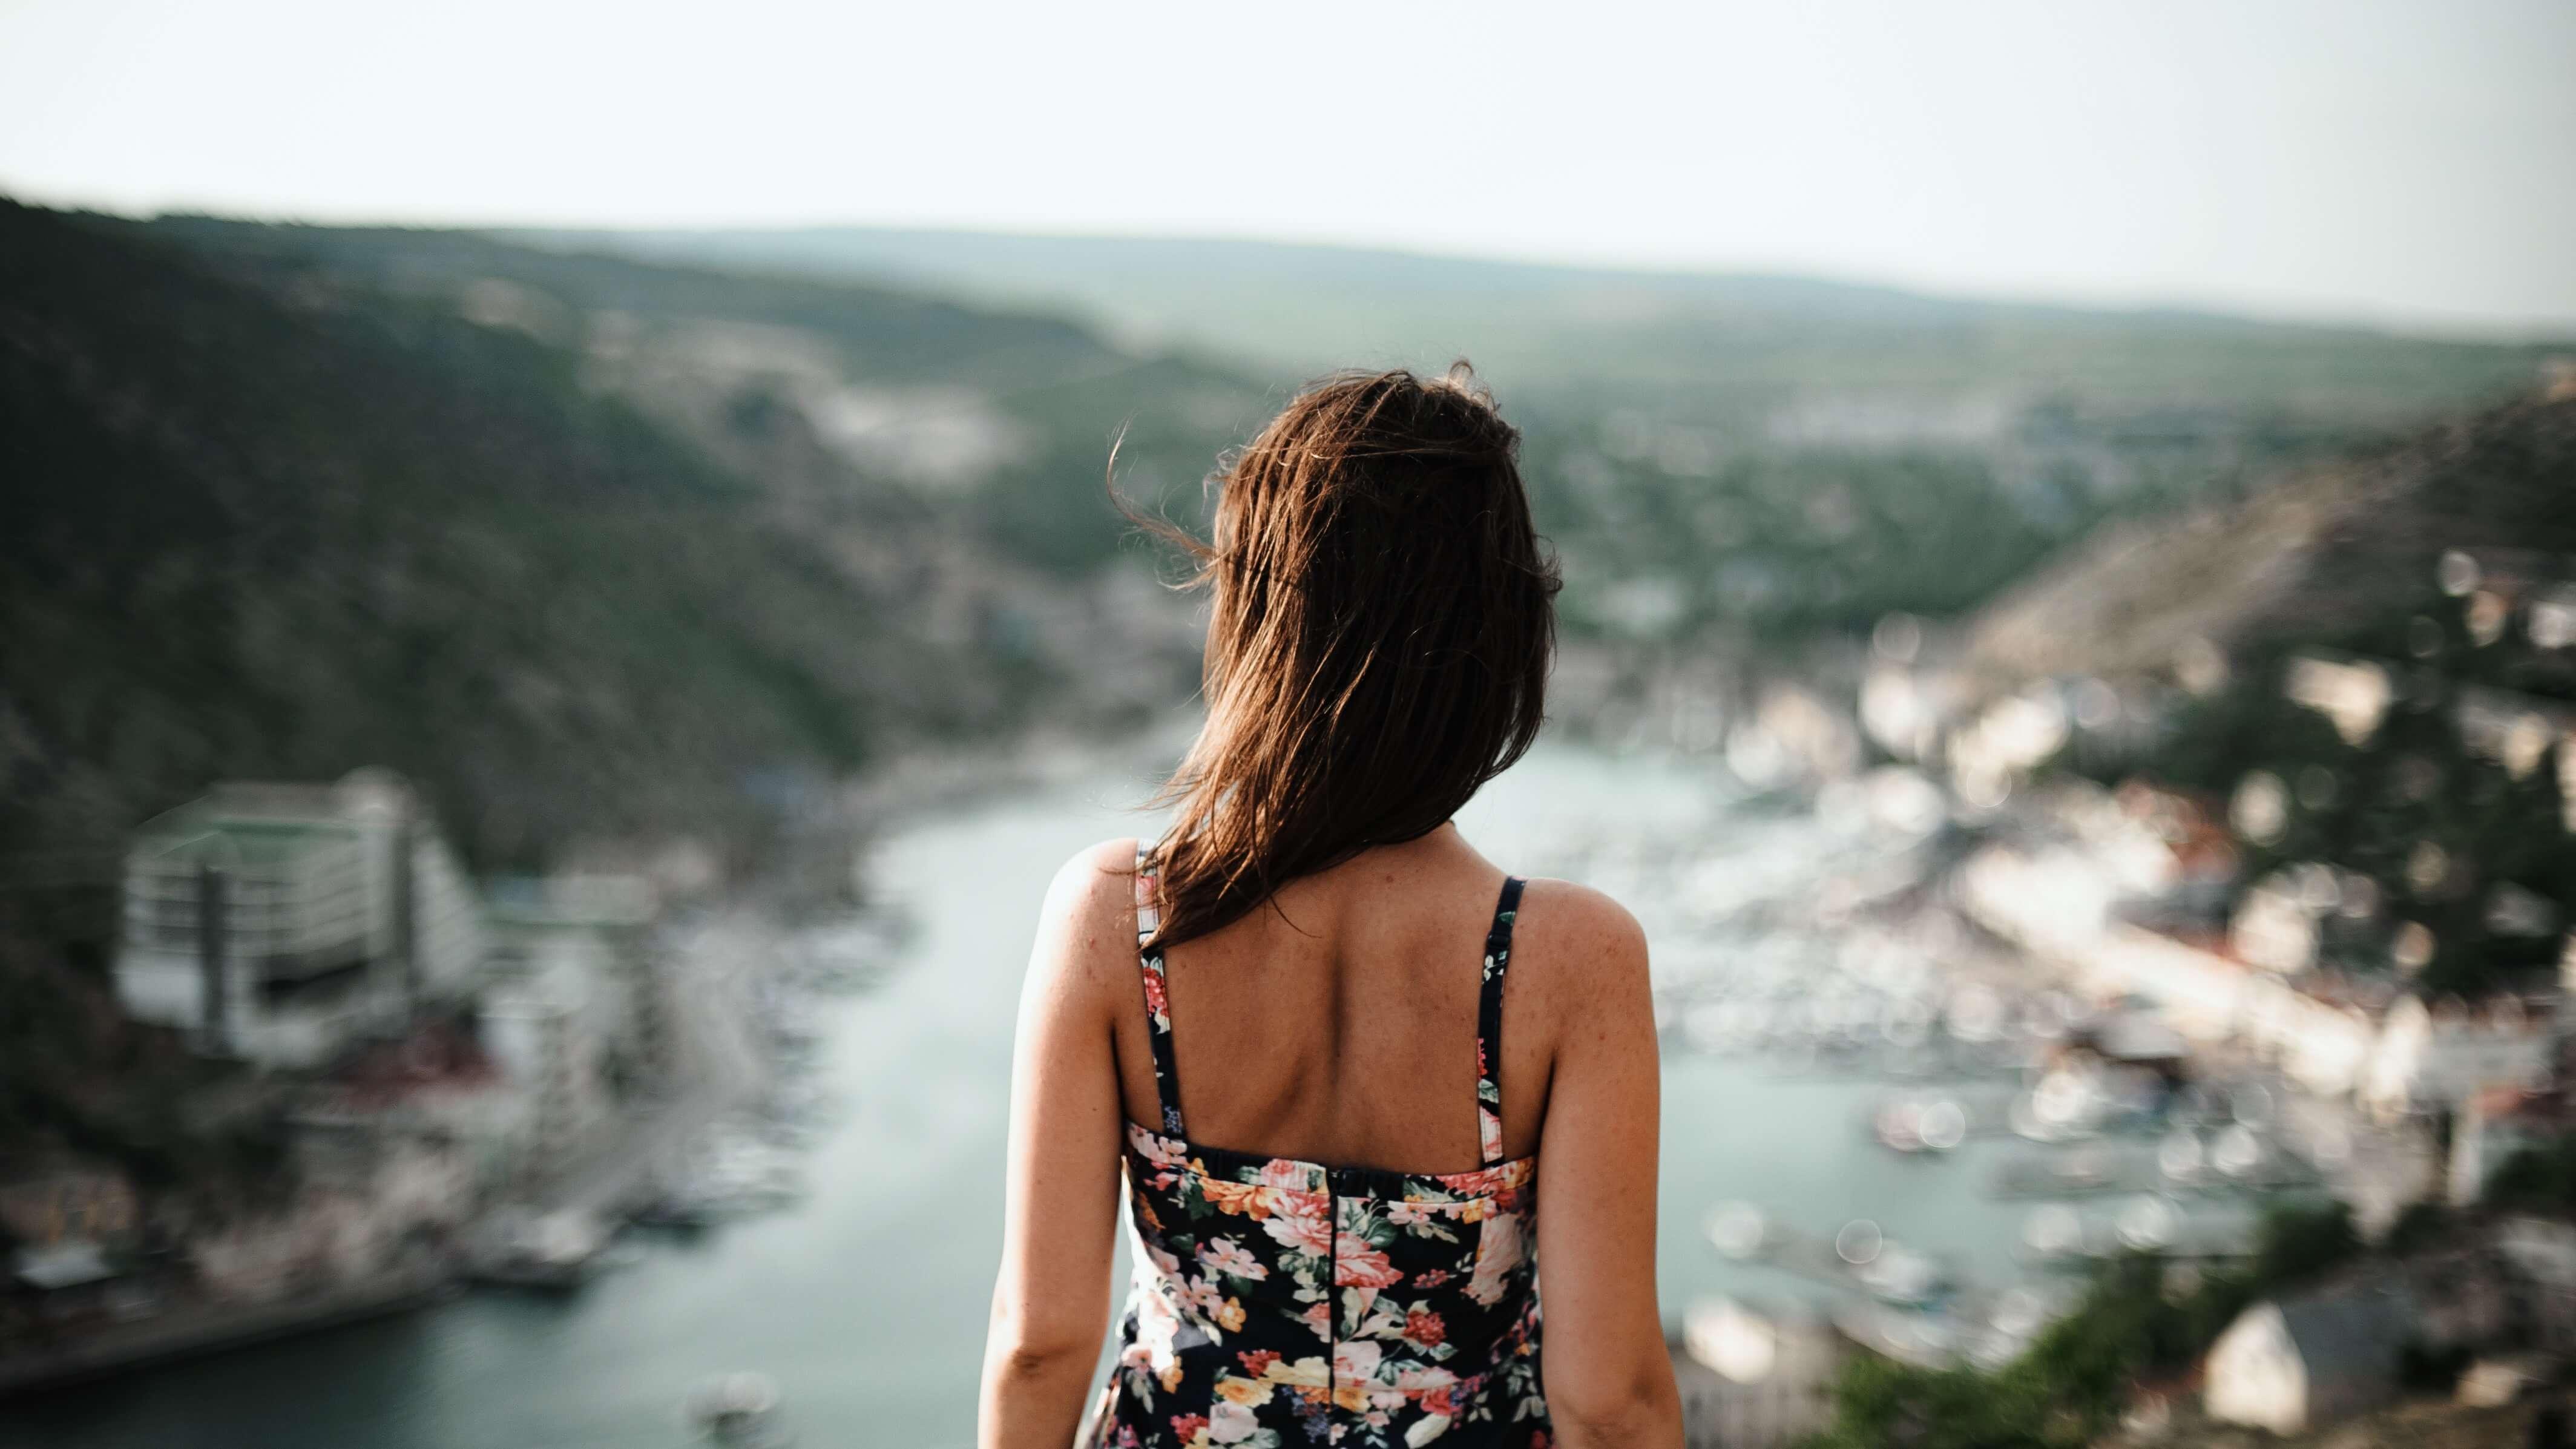 川を見る女性の後ろ姿